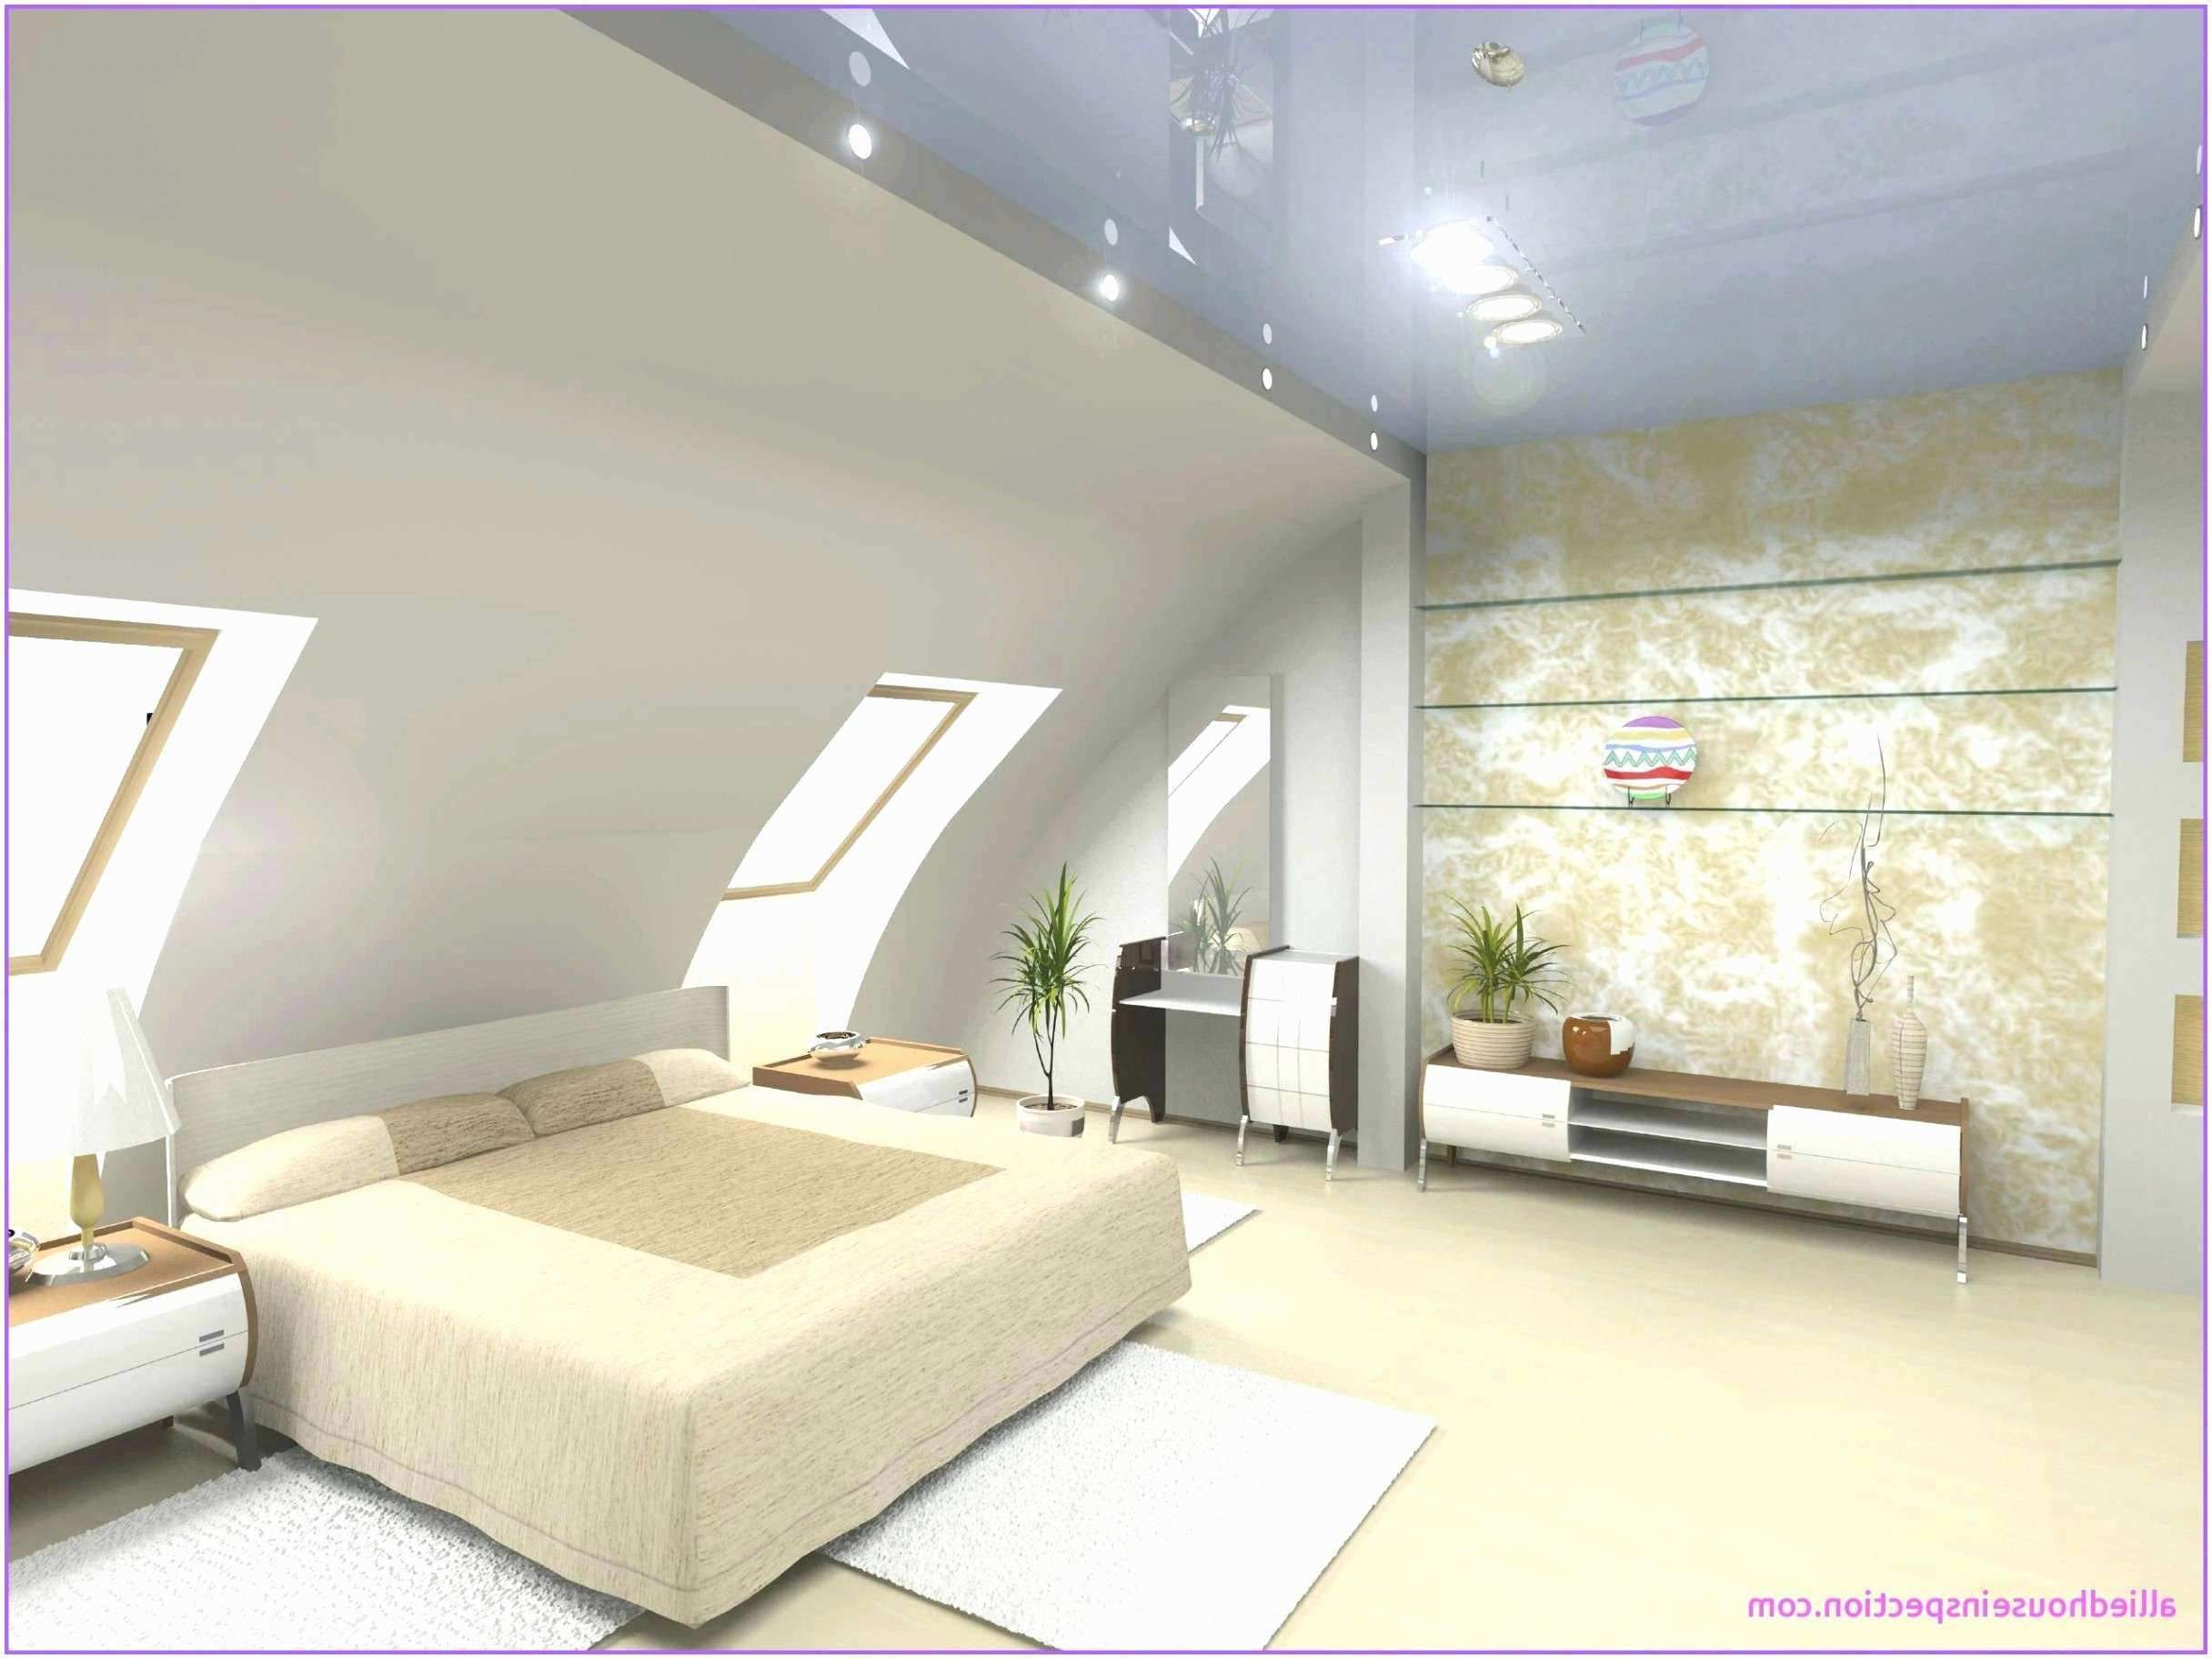 Full Size of Design Deckenleuchten Designer Wohnzimmer Reizend 45 Einzigartig Von Led Esstisch Regale Betten Badezimmer Bad Lampen Küche Schlafzimmer Bett Modern Wohnzimmer Design Deckenleuchten